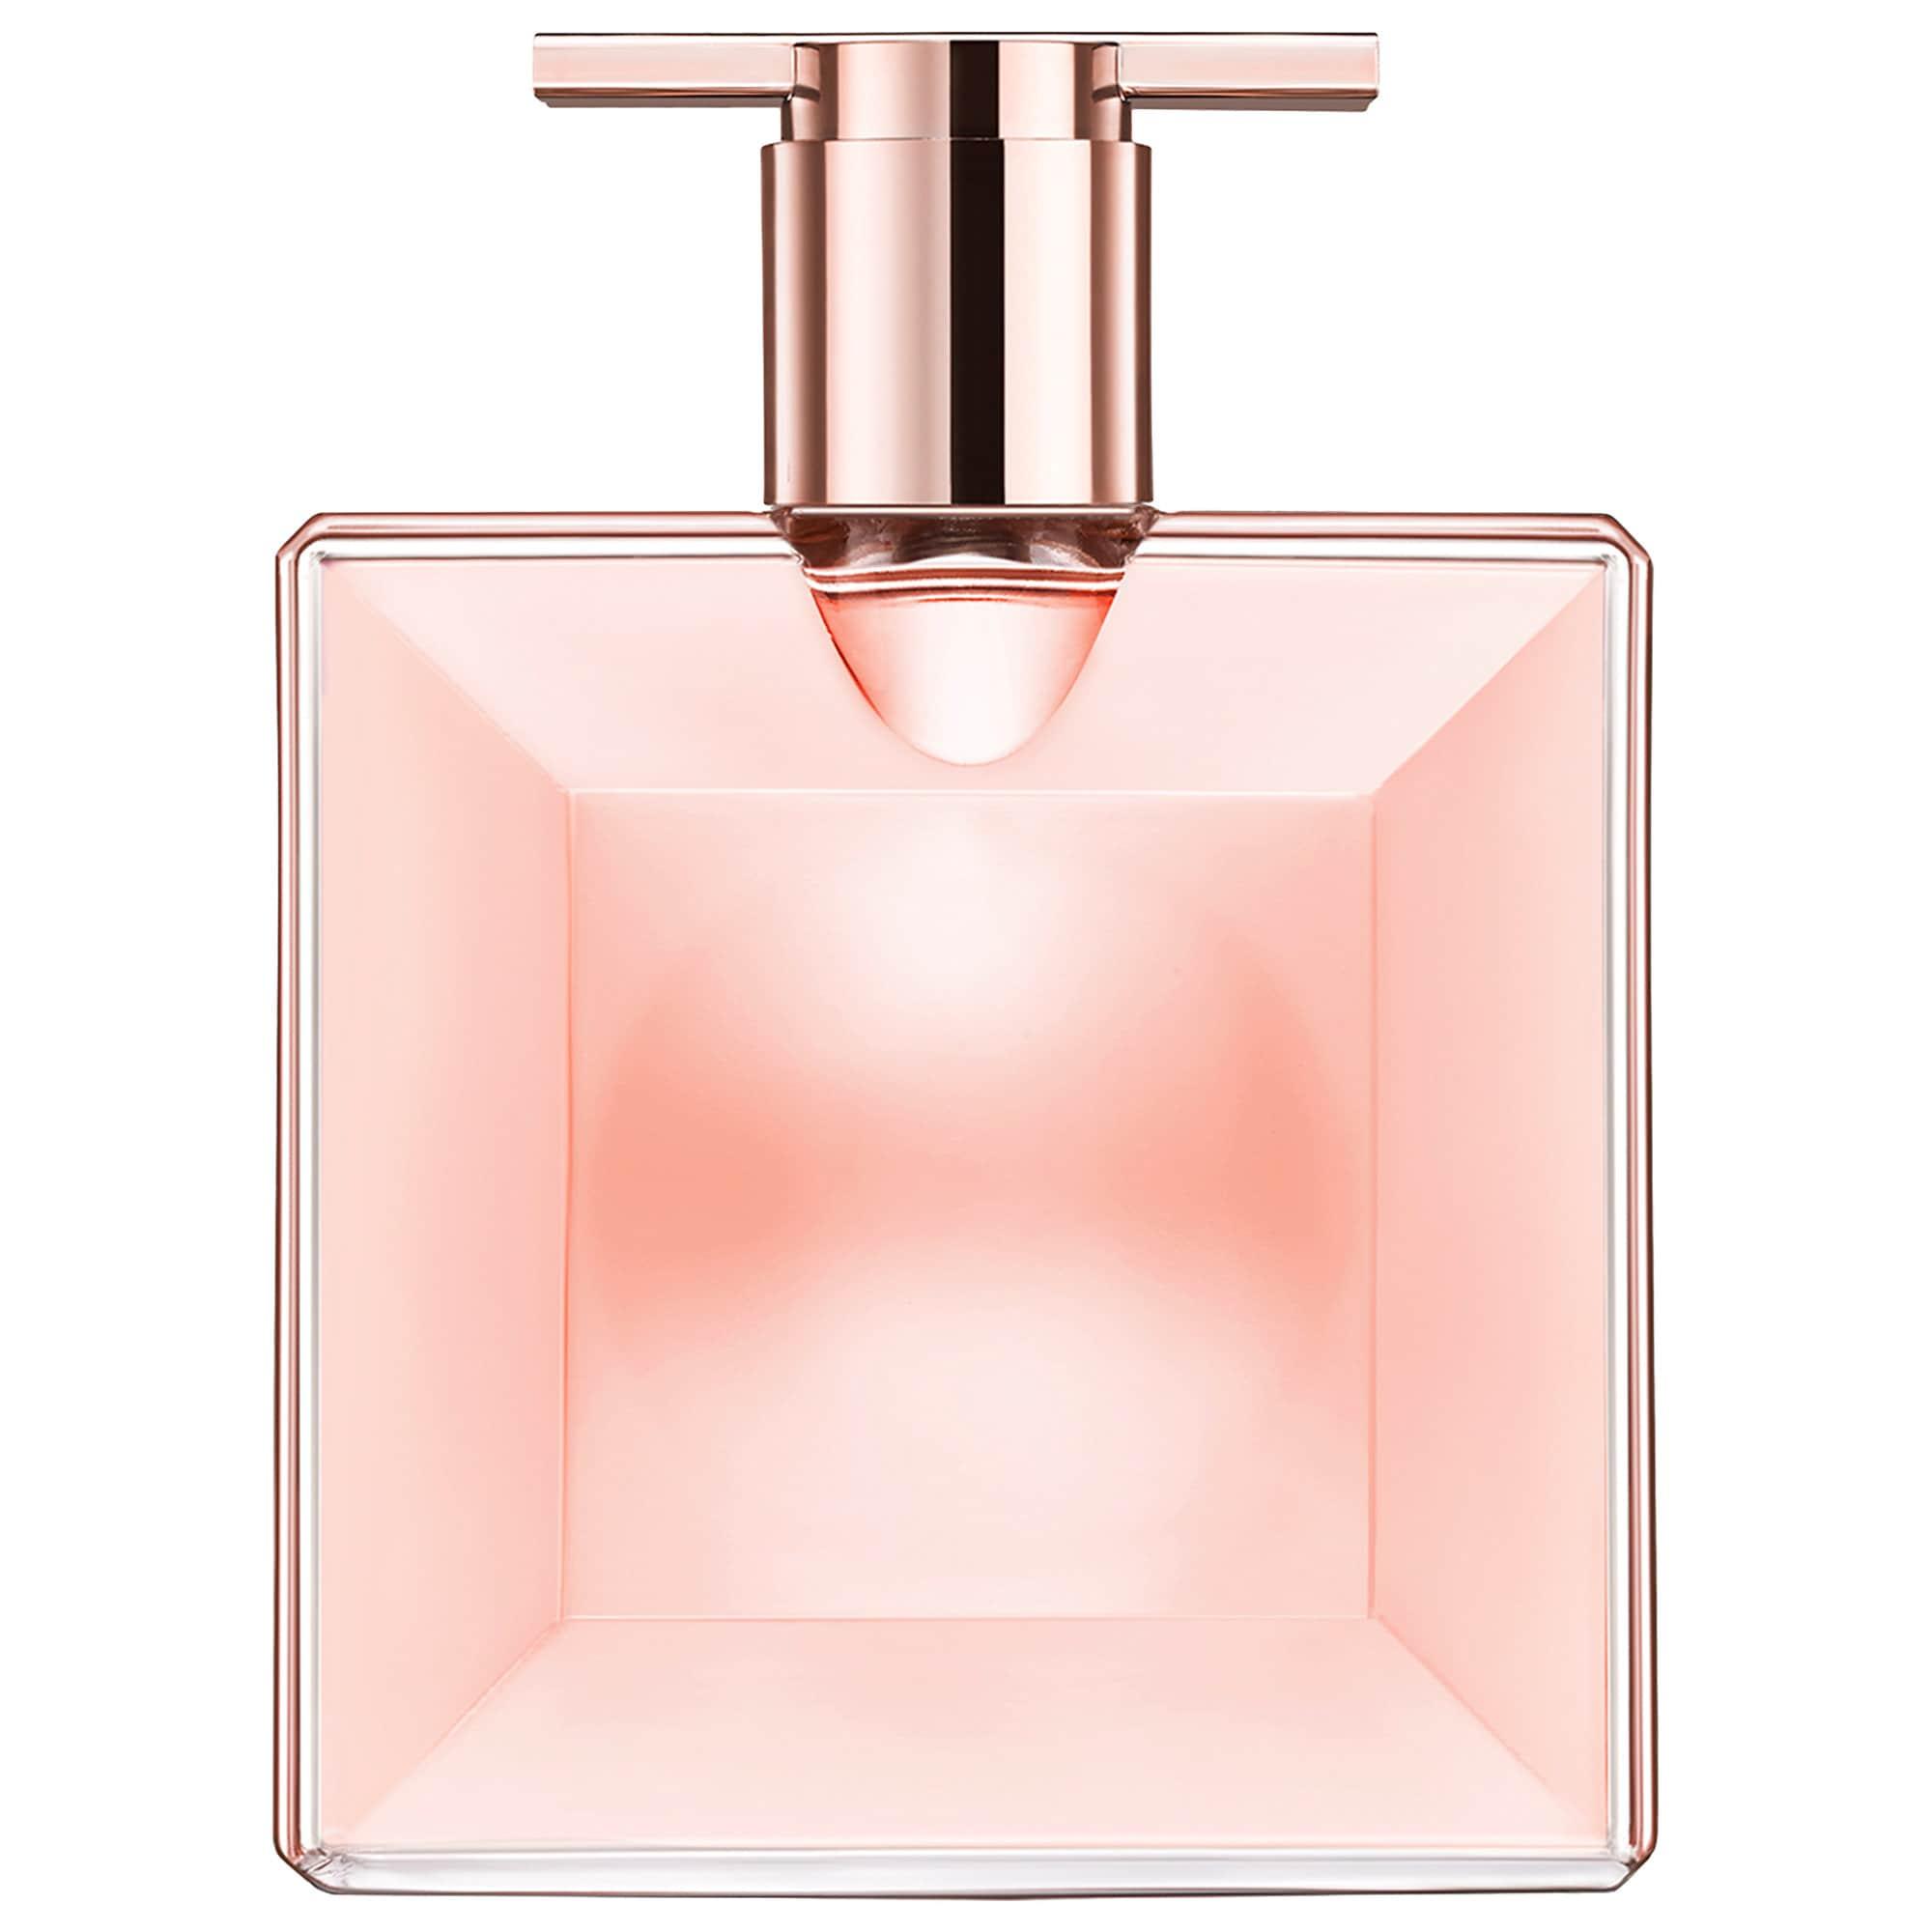 Lancome - Idôle Eau de Parfum